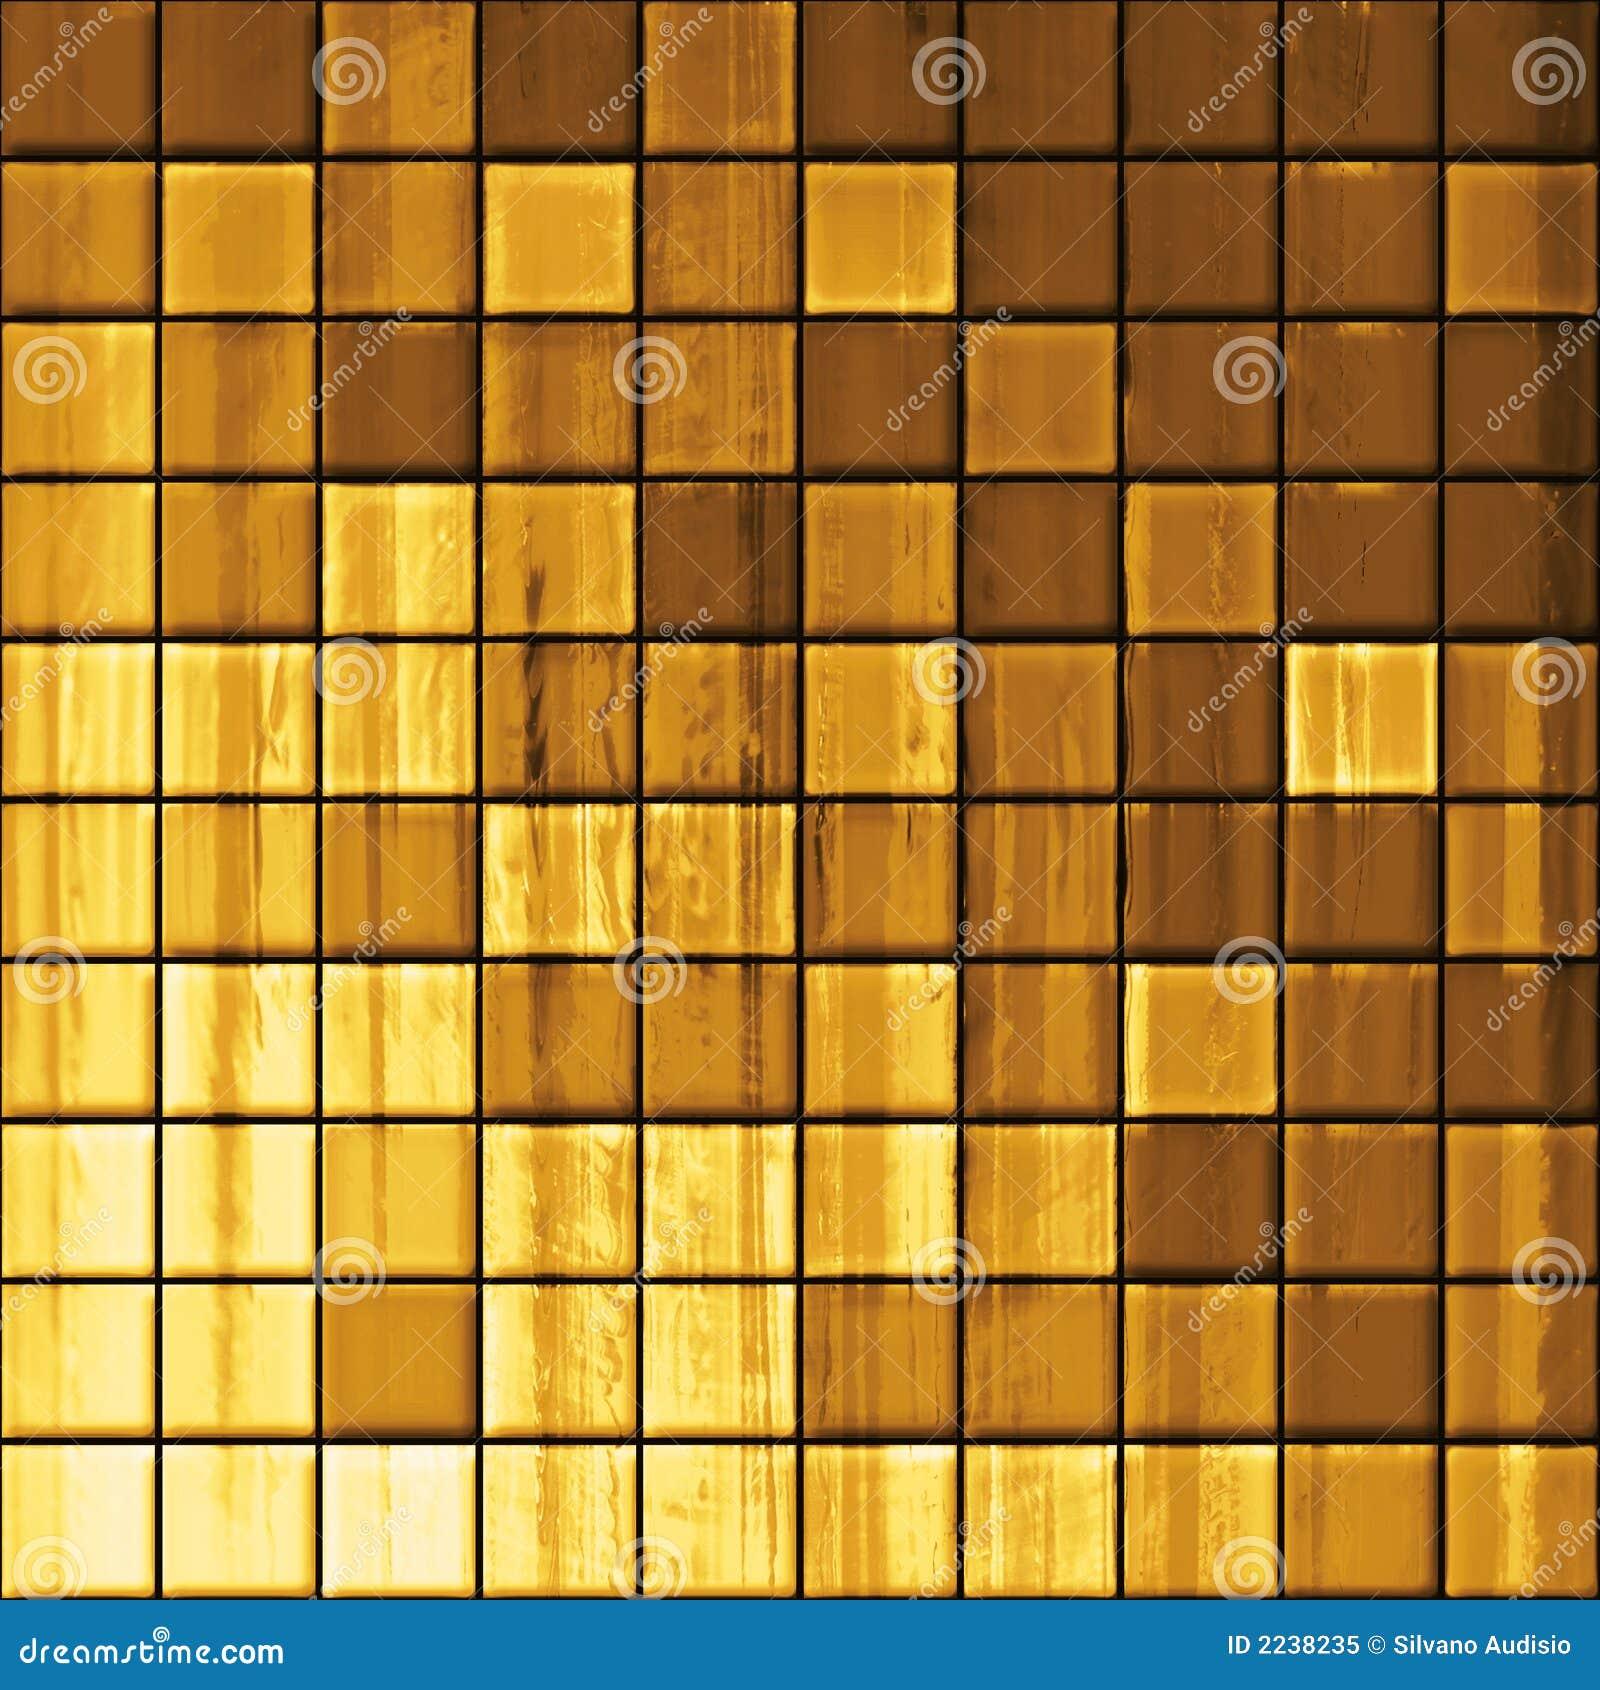 Bathroom s tiles